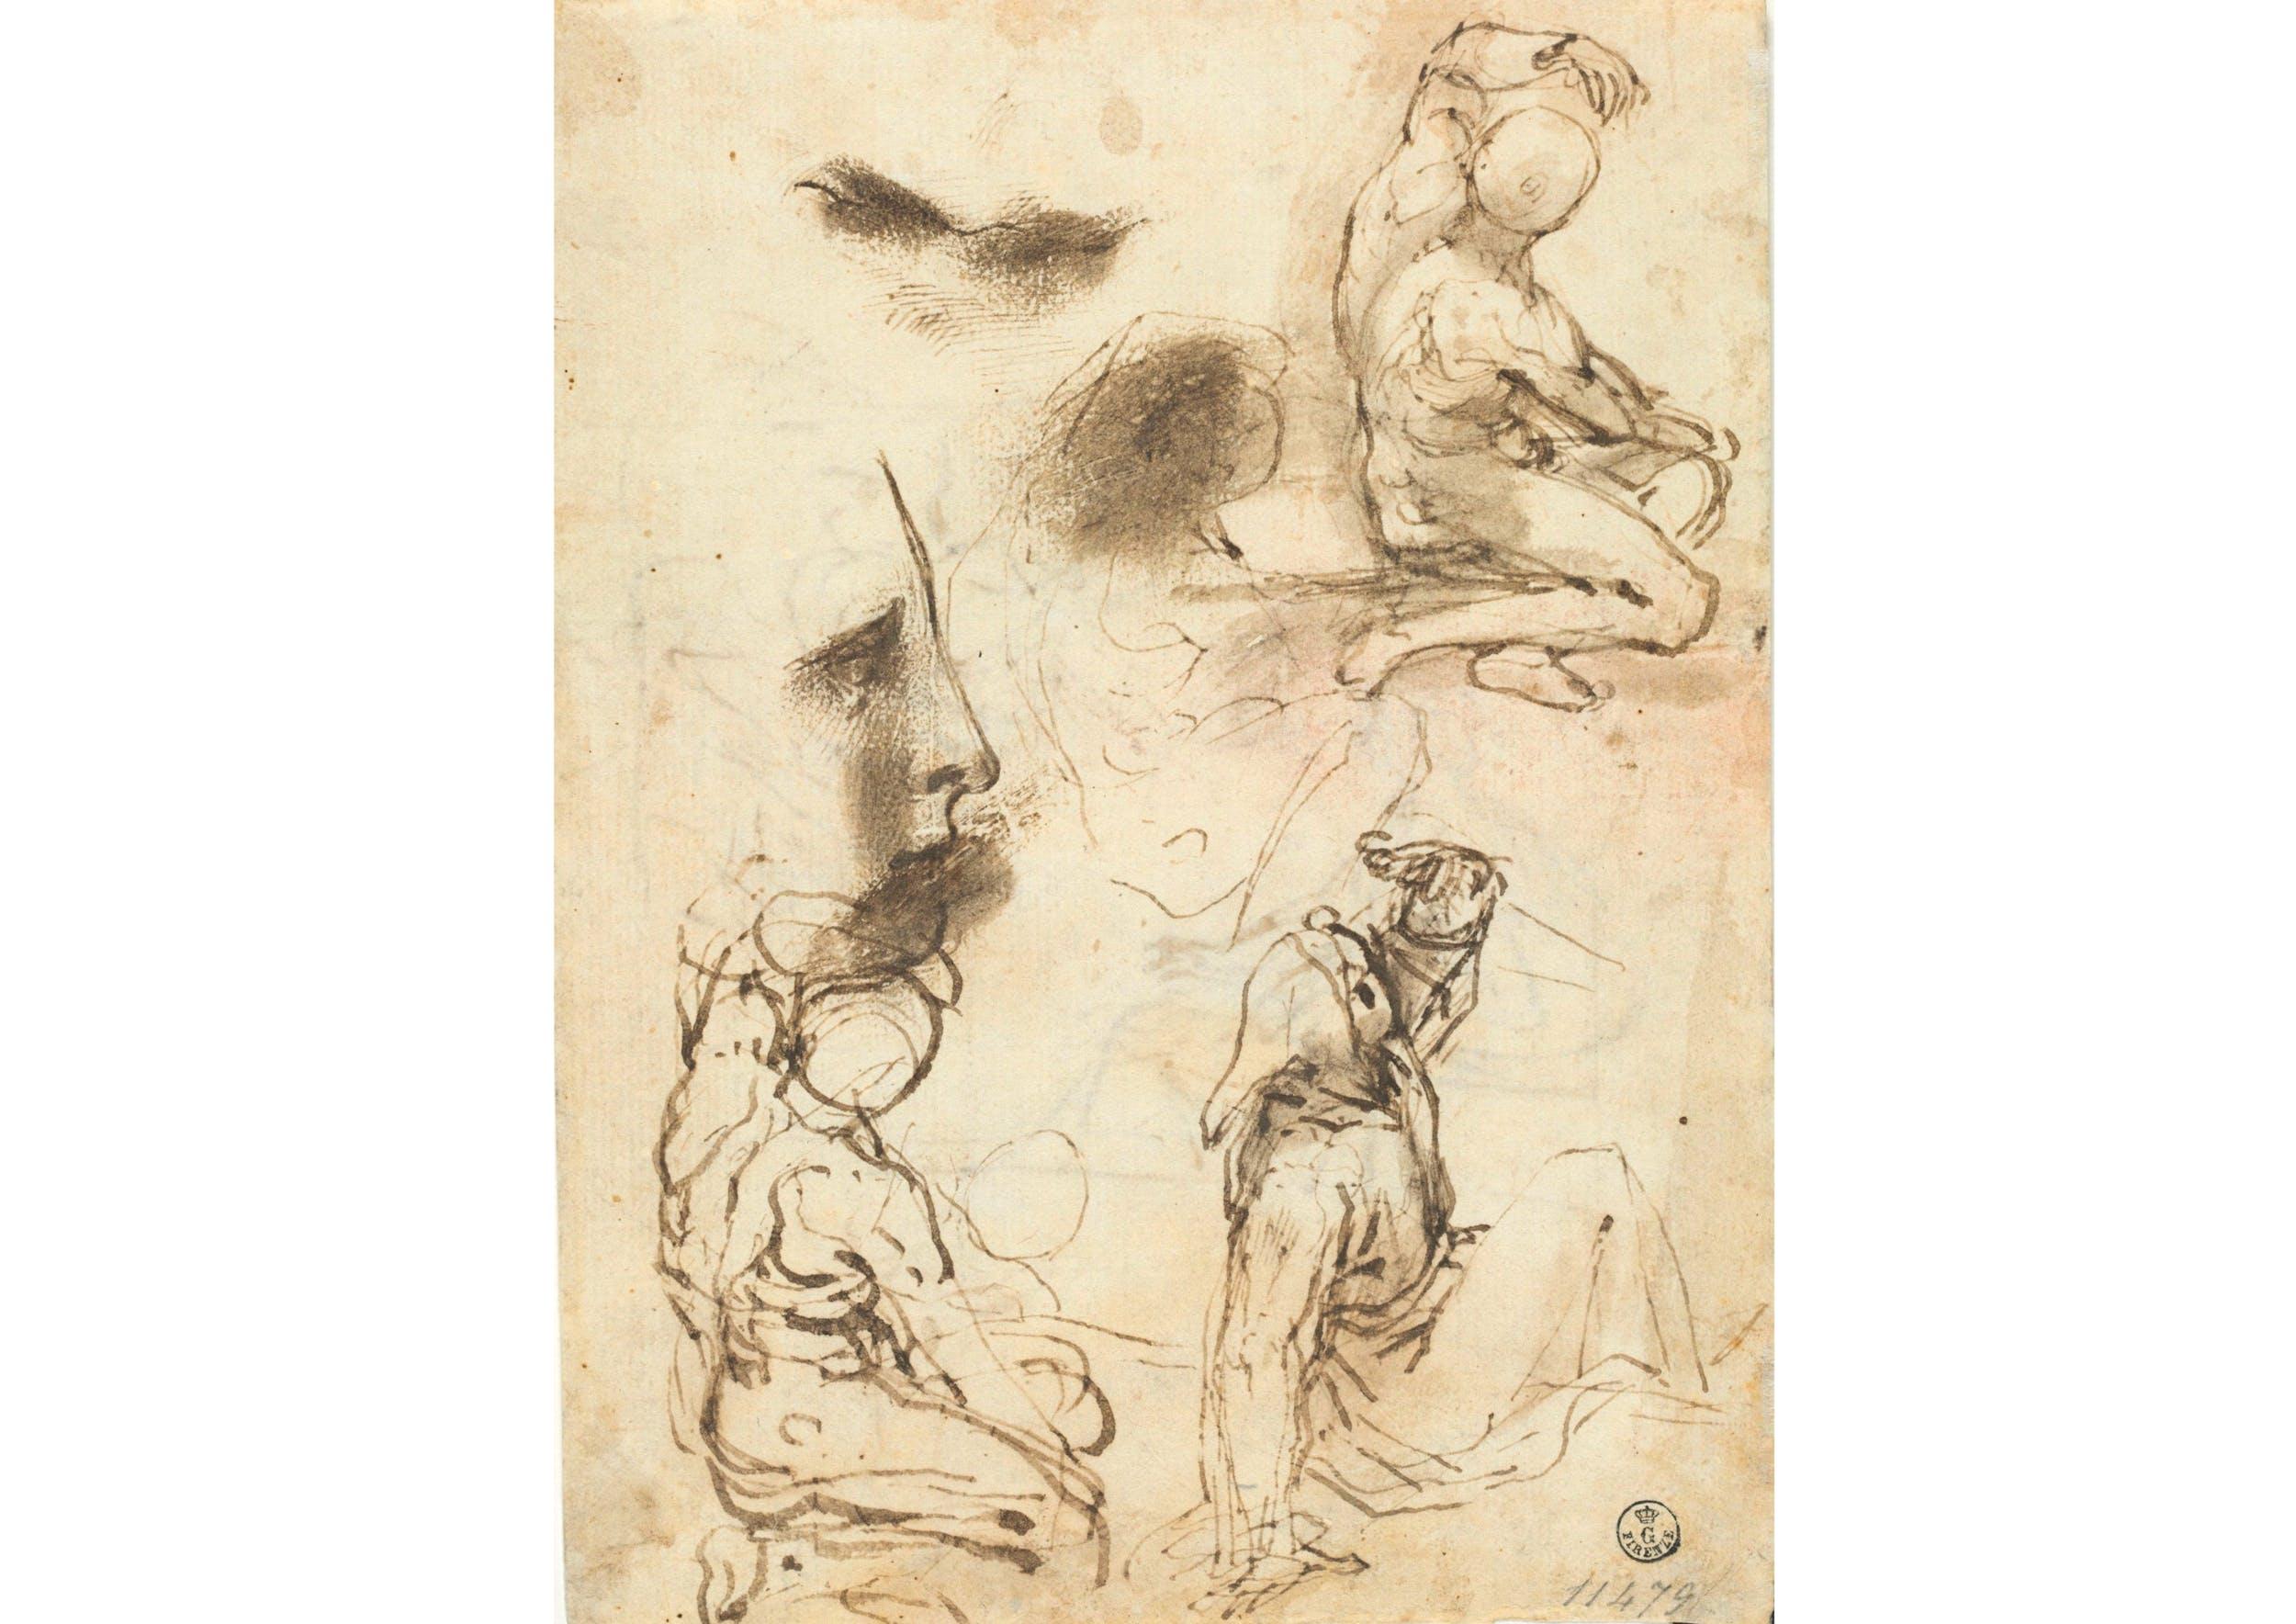 Penna e inchiostro, pennello e inchiostro diluito, carta (225 x 171 mm.) - Inv. 11479 F recto